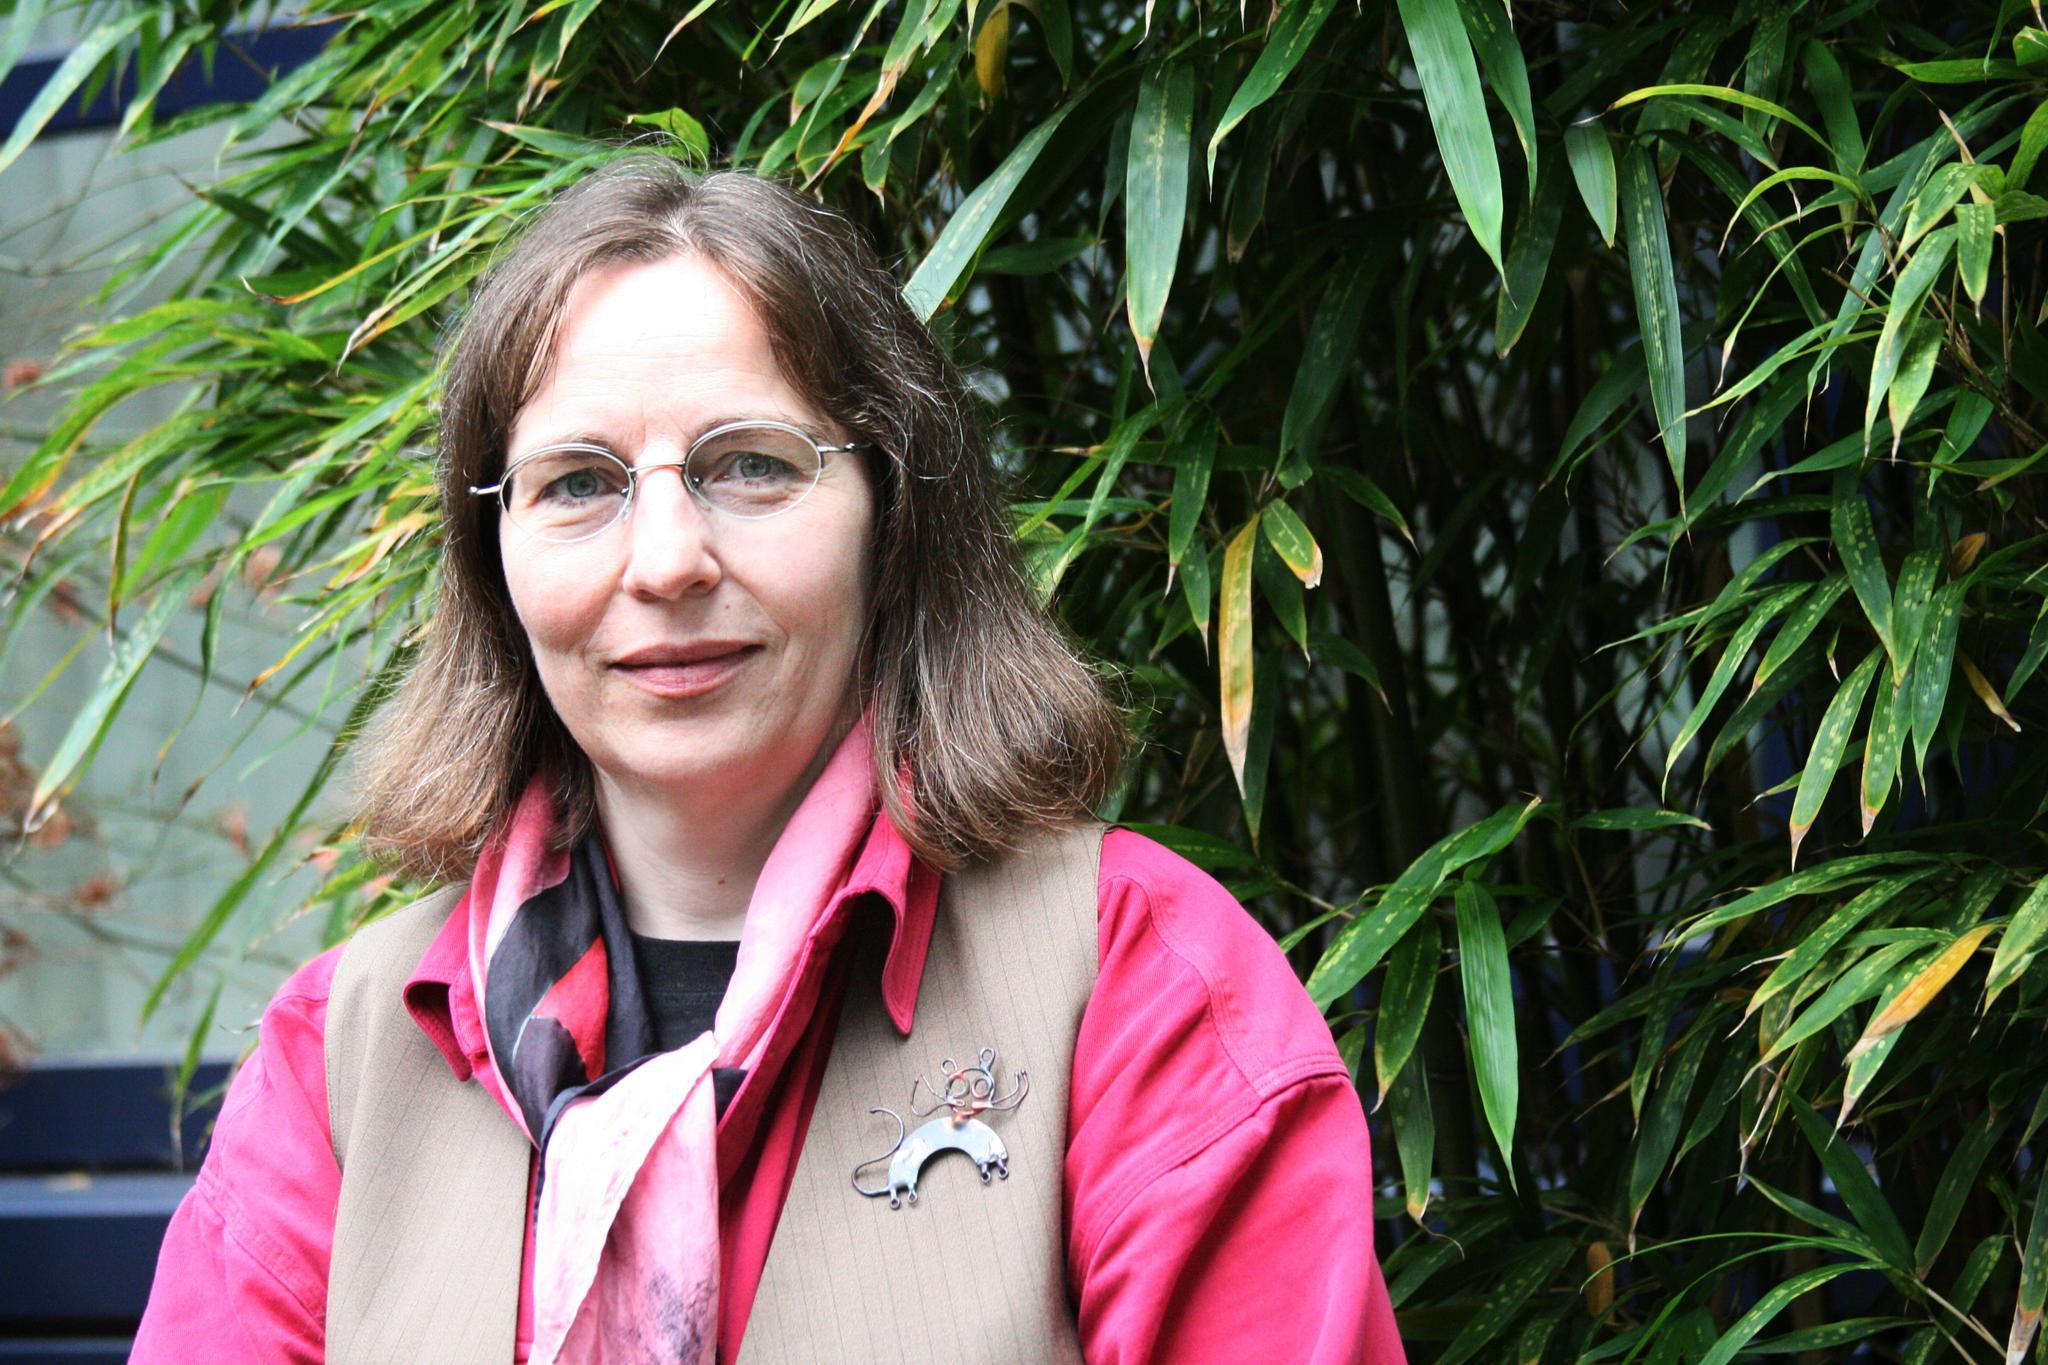 Anke Rudat, Mitglied im DGB-Stadtverband Hagen